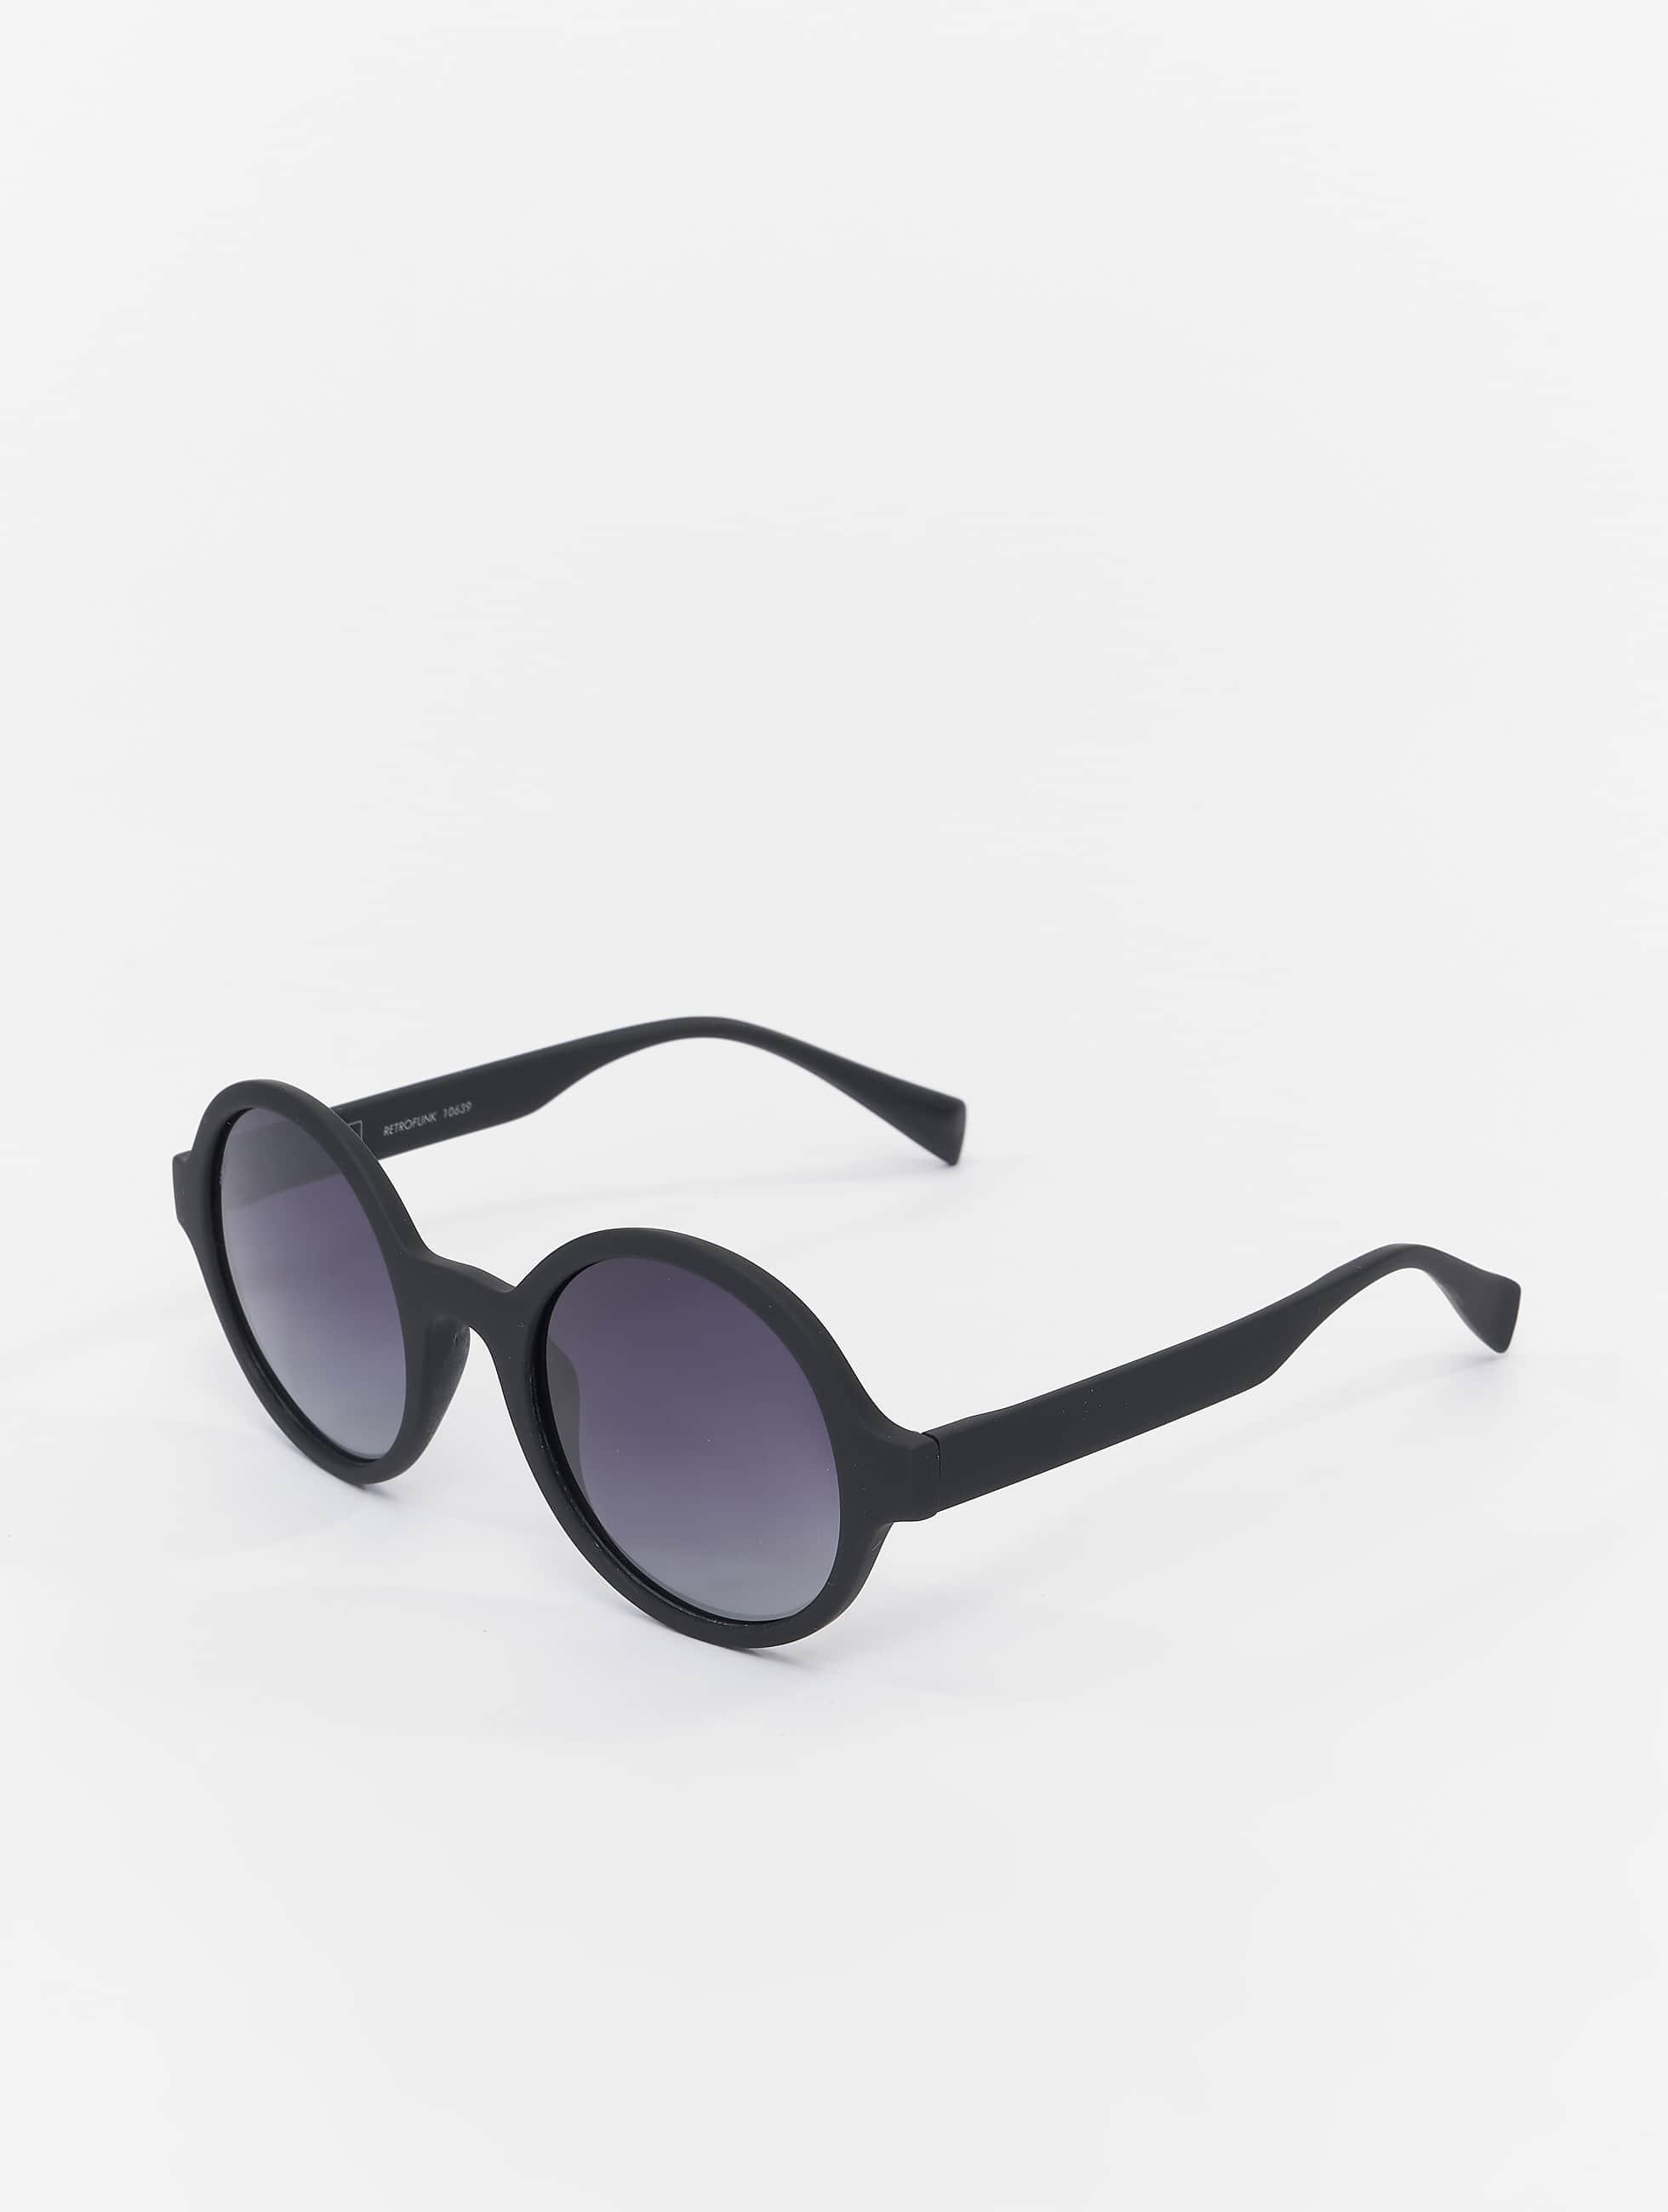 MSTRDS Accessoires / Lunettes de soleil Retro Funk Polarized Mirror en noir